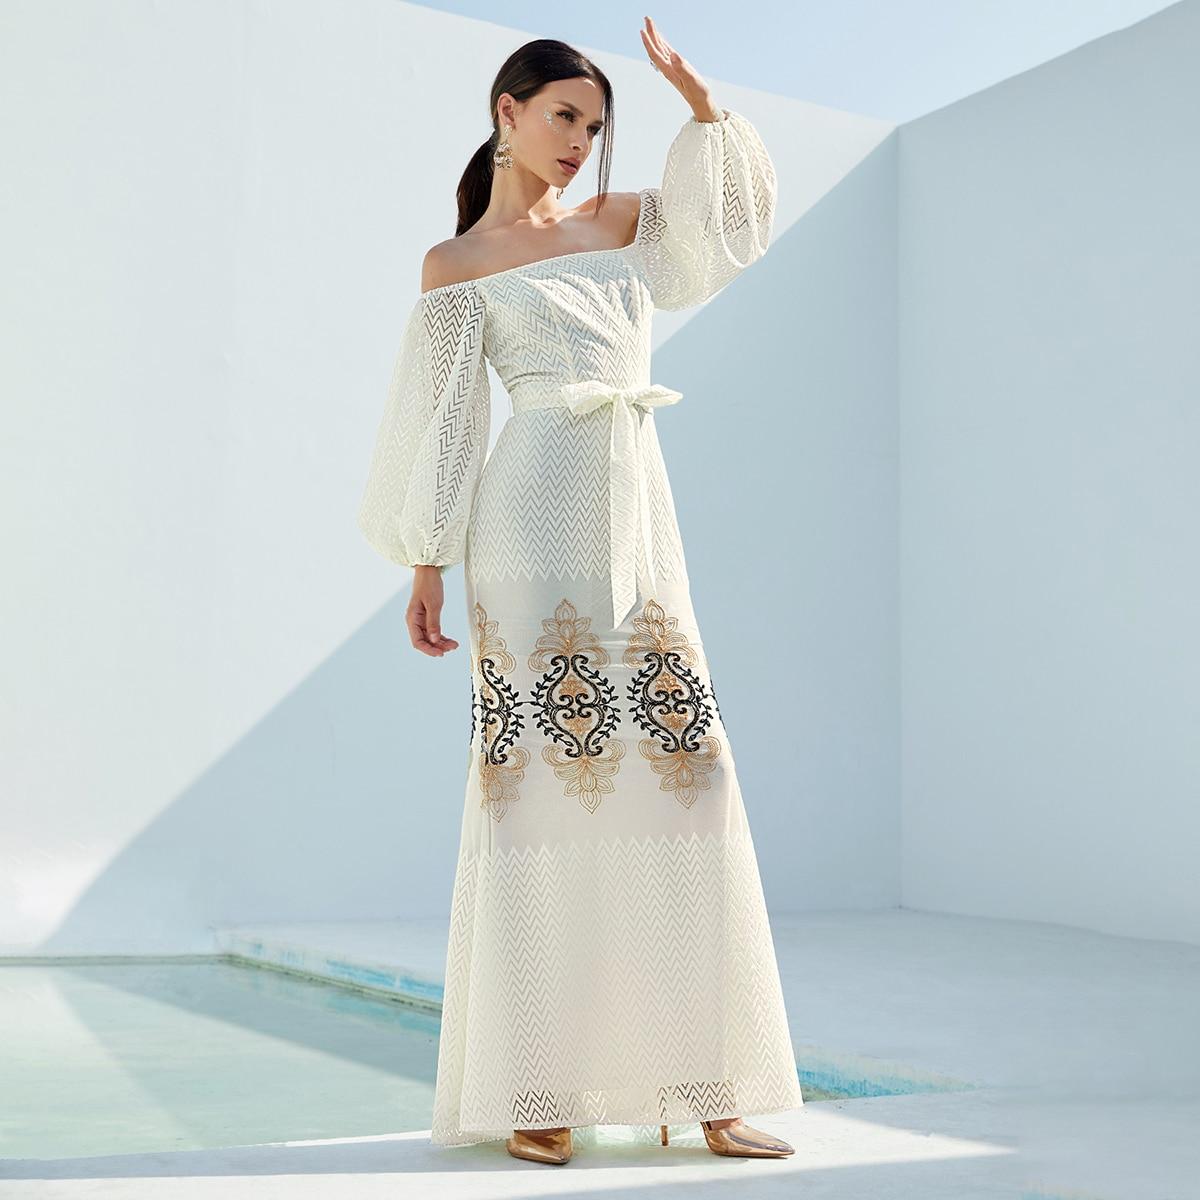 Сетчатое платье с открытыми плечами, цветочным принтом и поясом